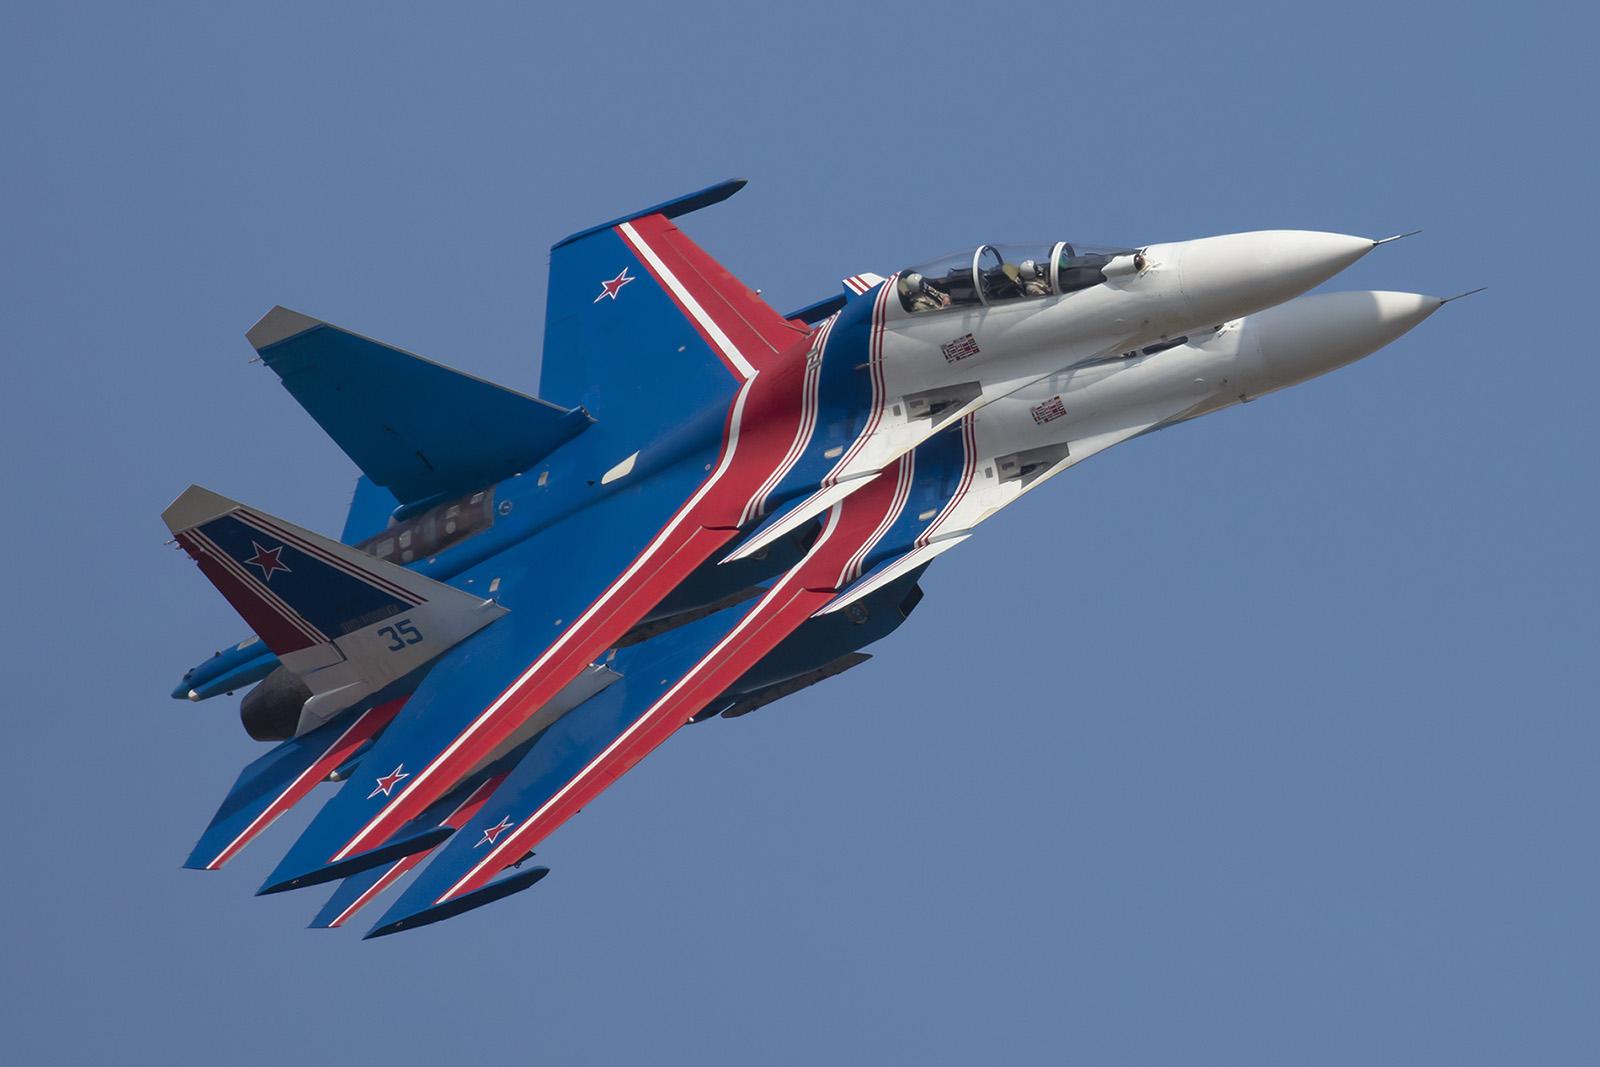 Zum Ende nochmal ein Bild des wohl schönsten Kampfflugzeugs auf der Show.